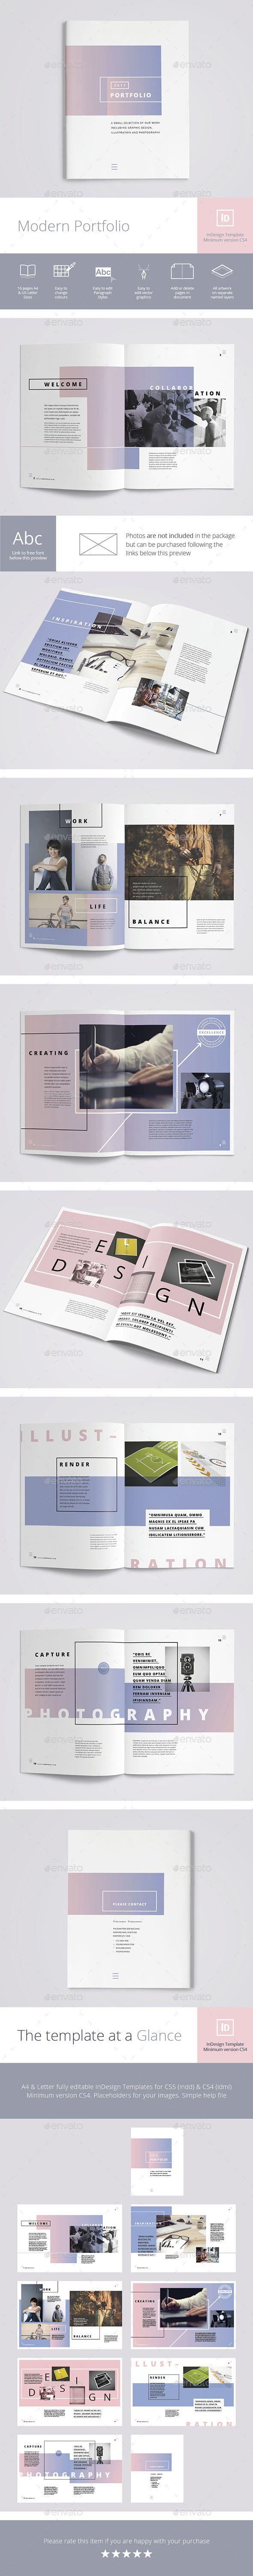 Modern Portfolio | Portafolio, Diseño editorial y Editorial